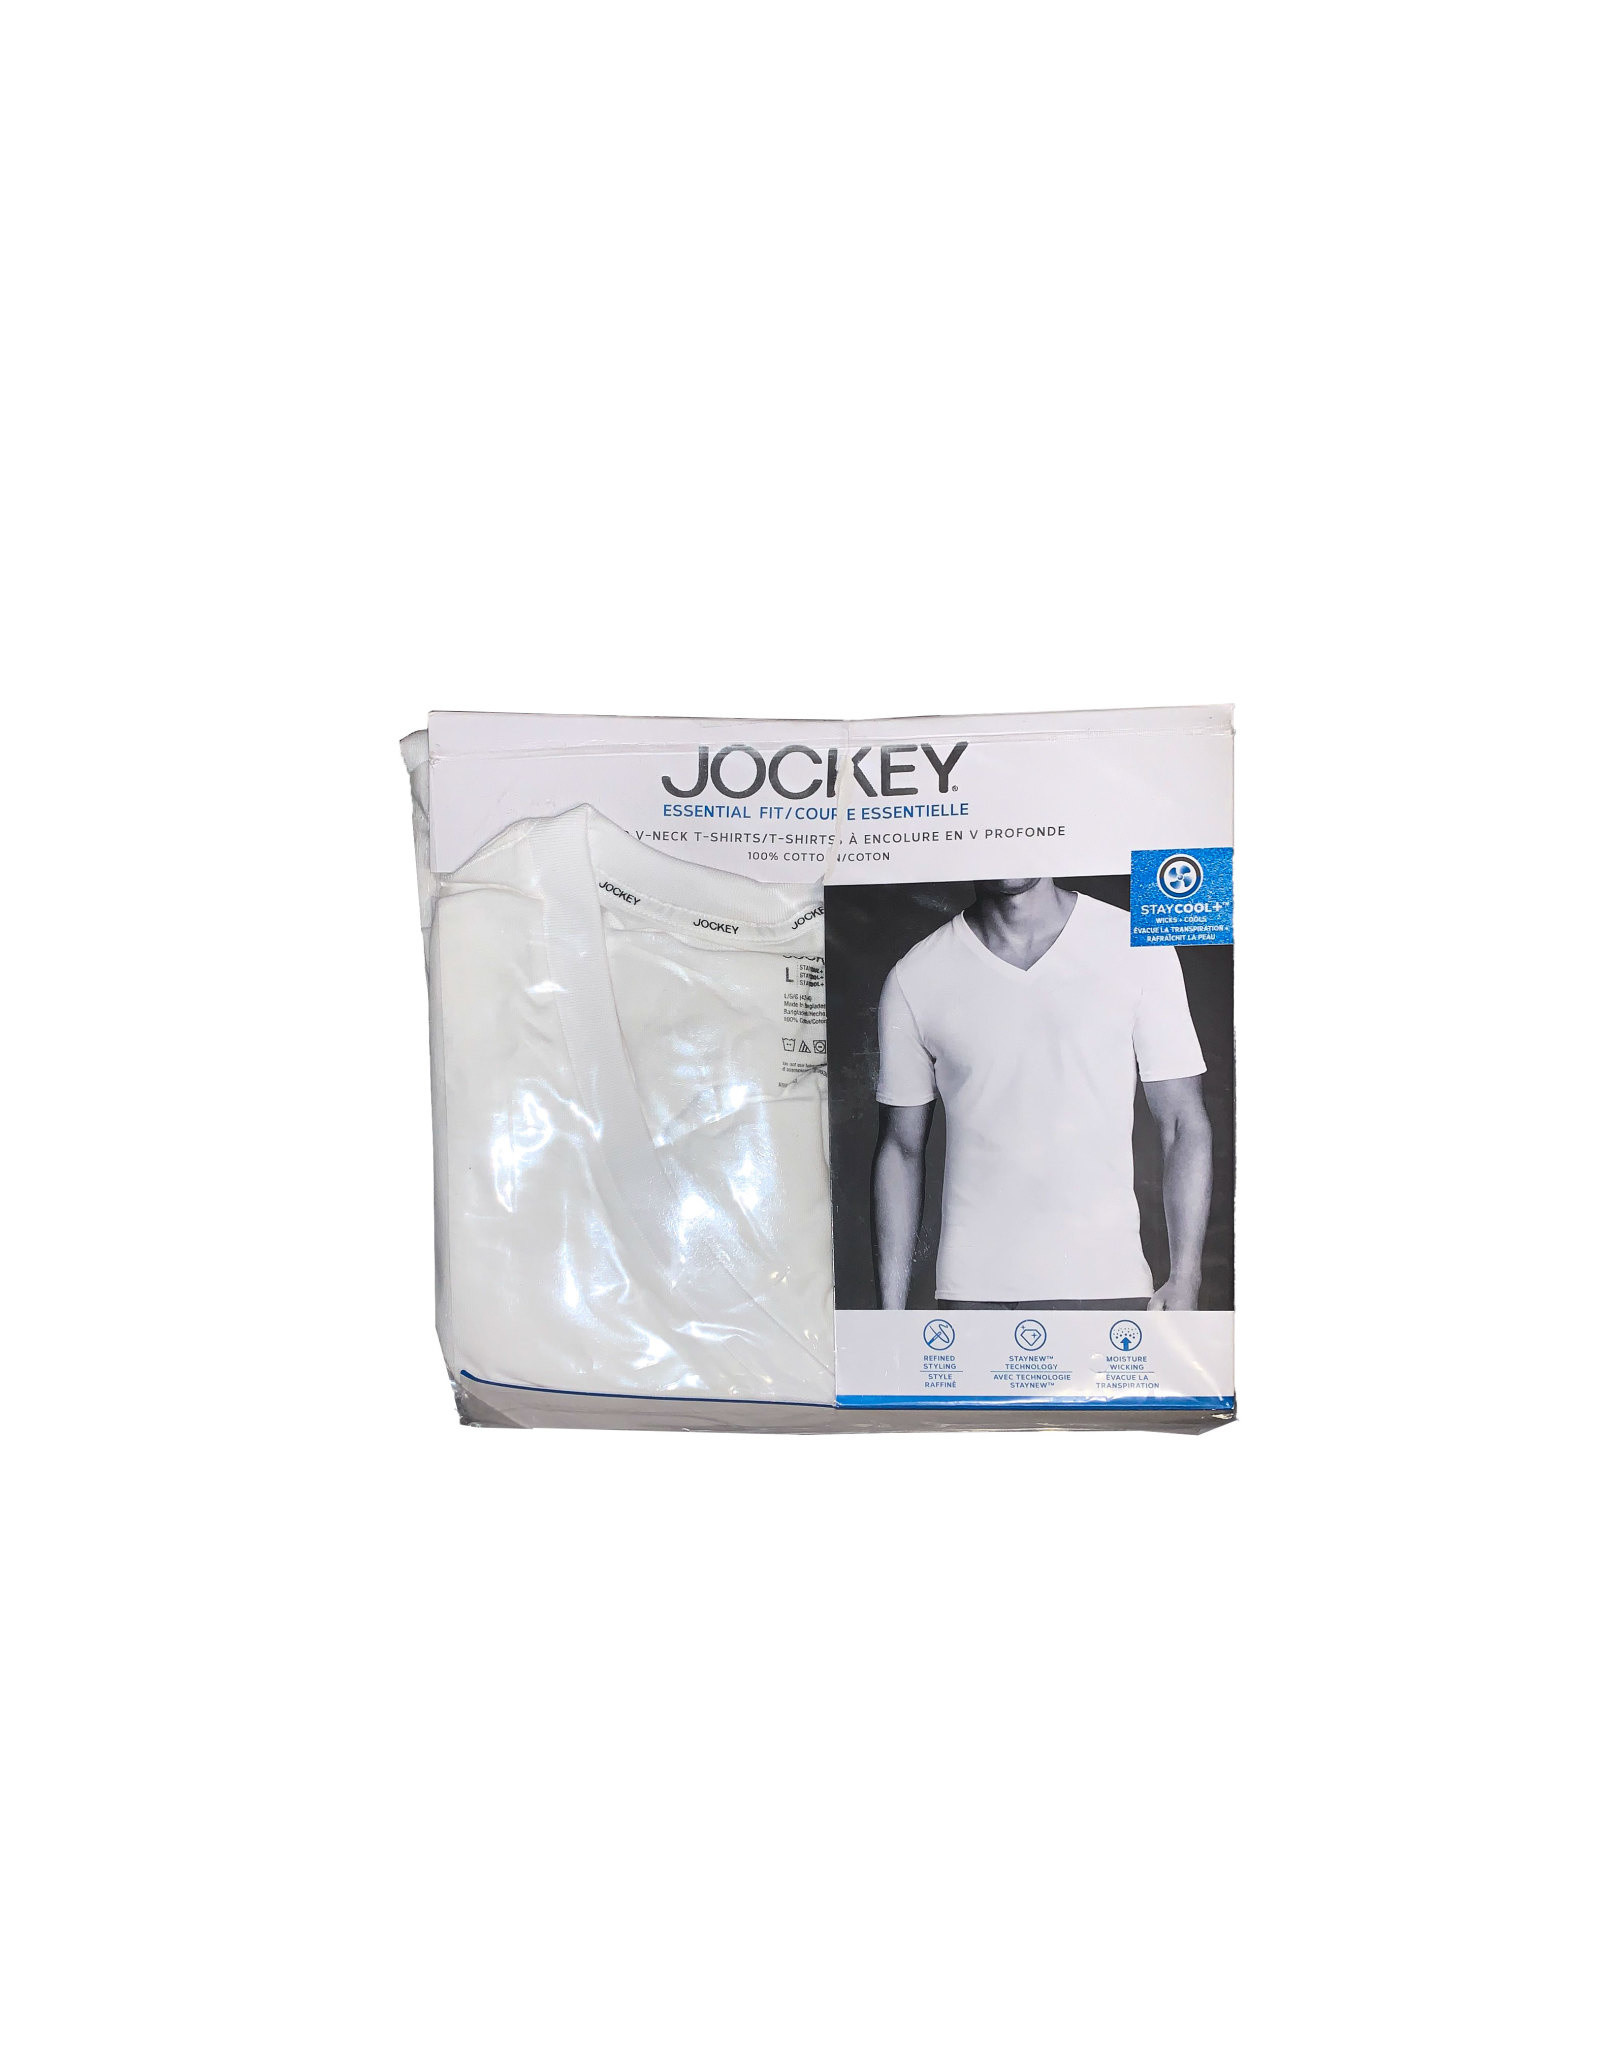 JOCKEY  2 Deep  V-neck  T-shirts  Size L